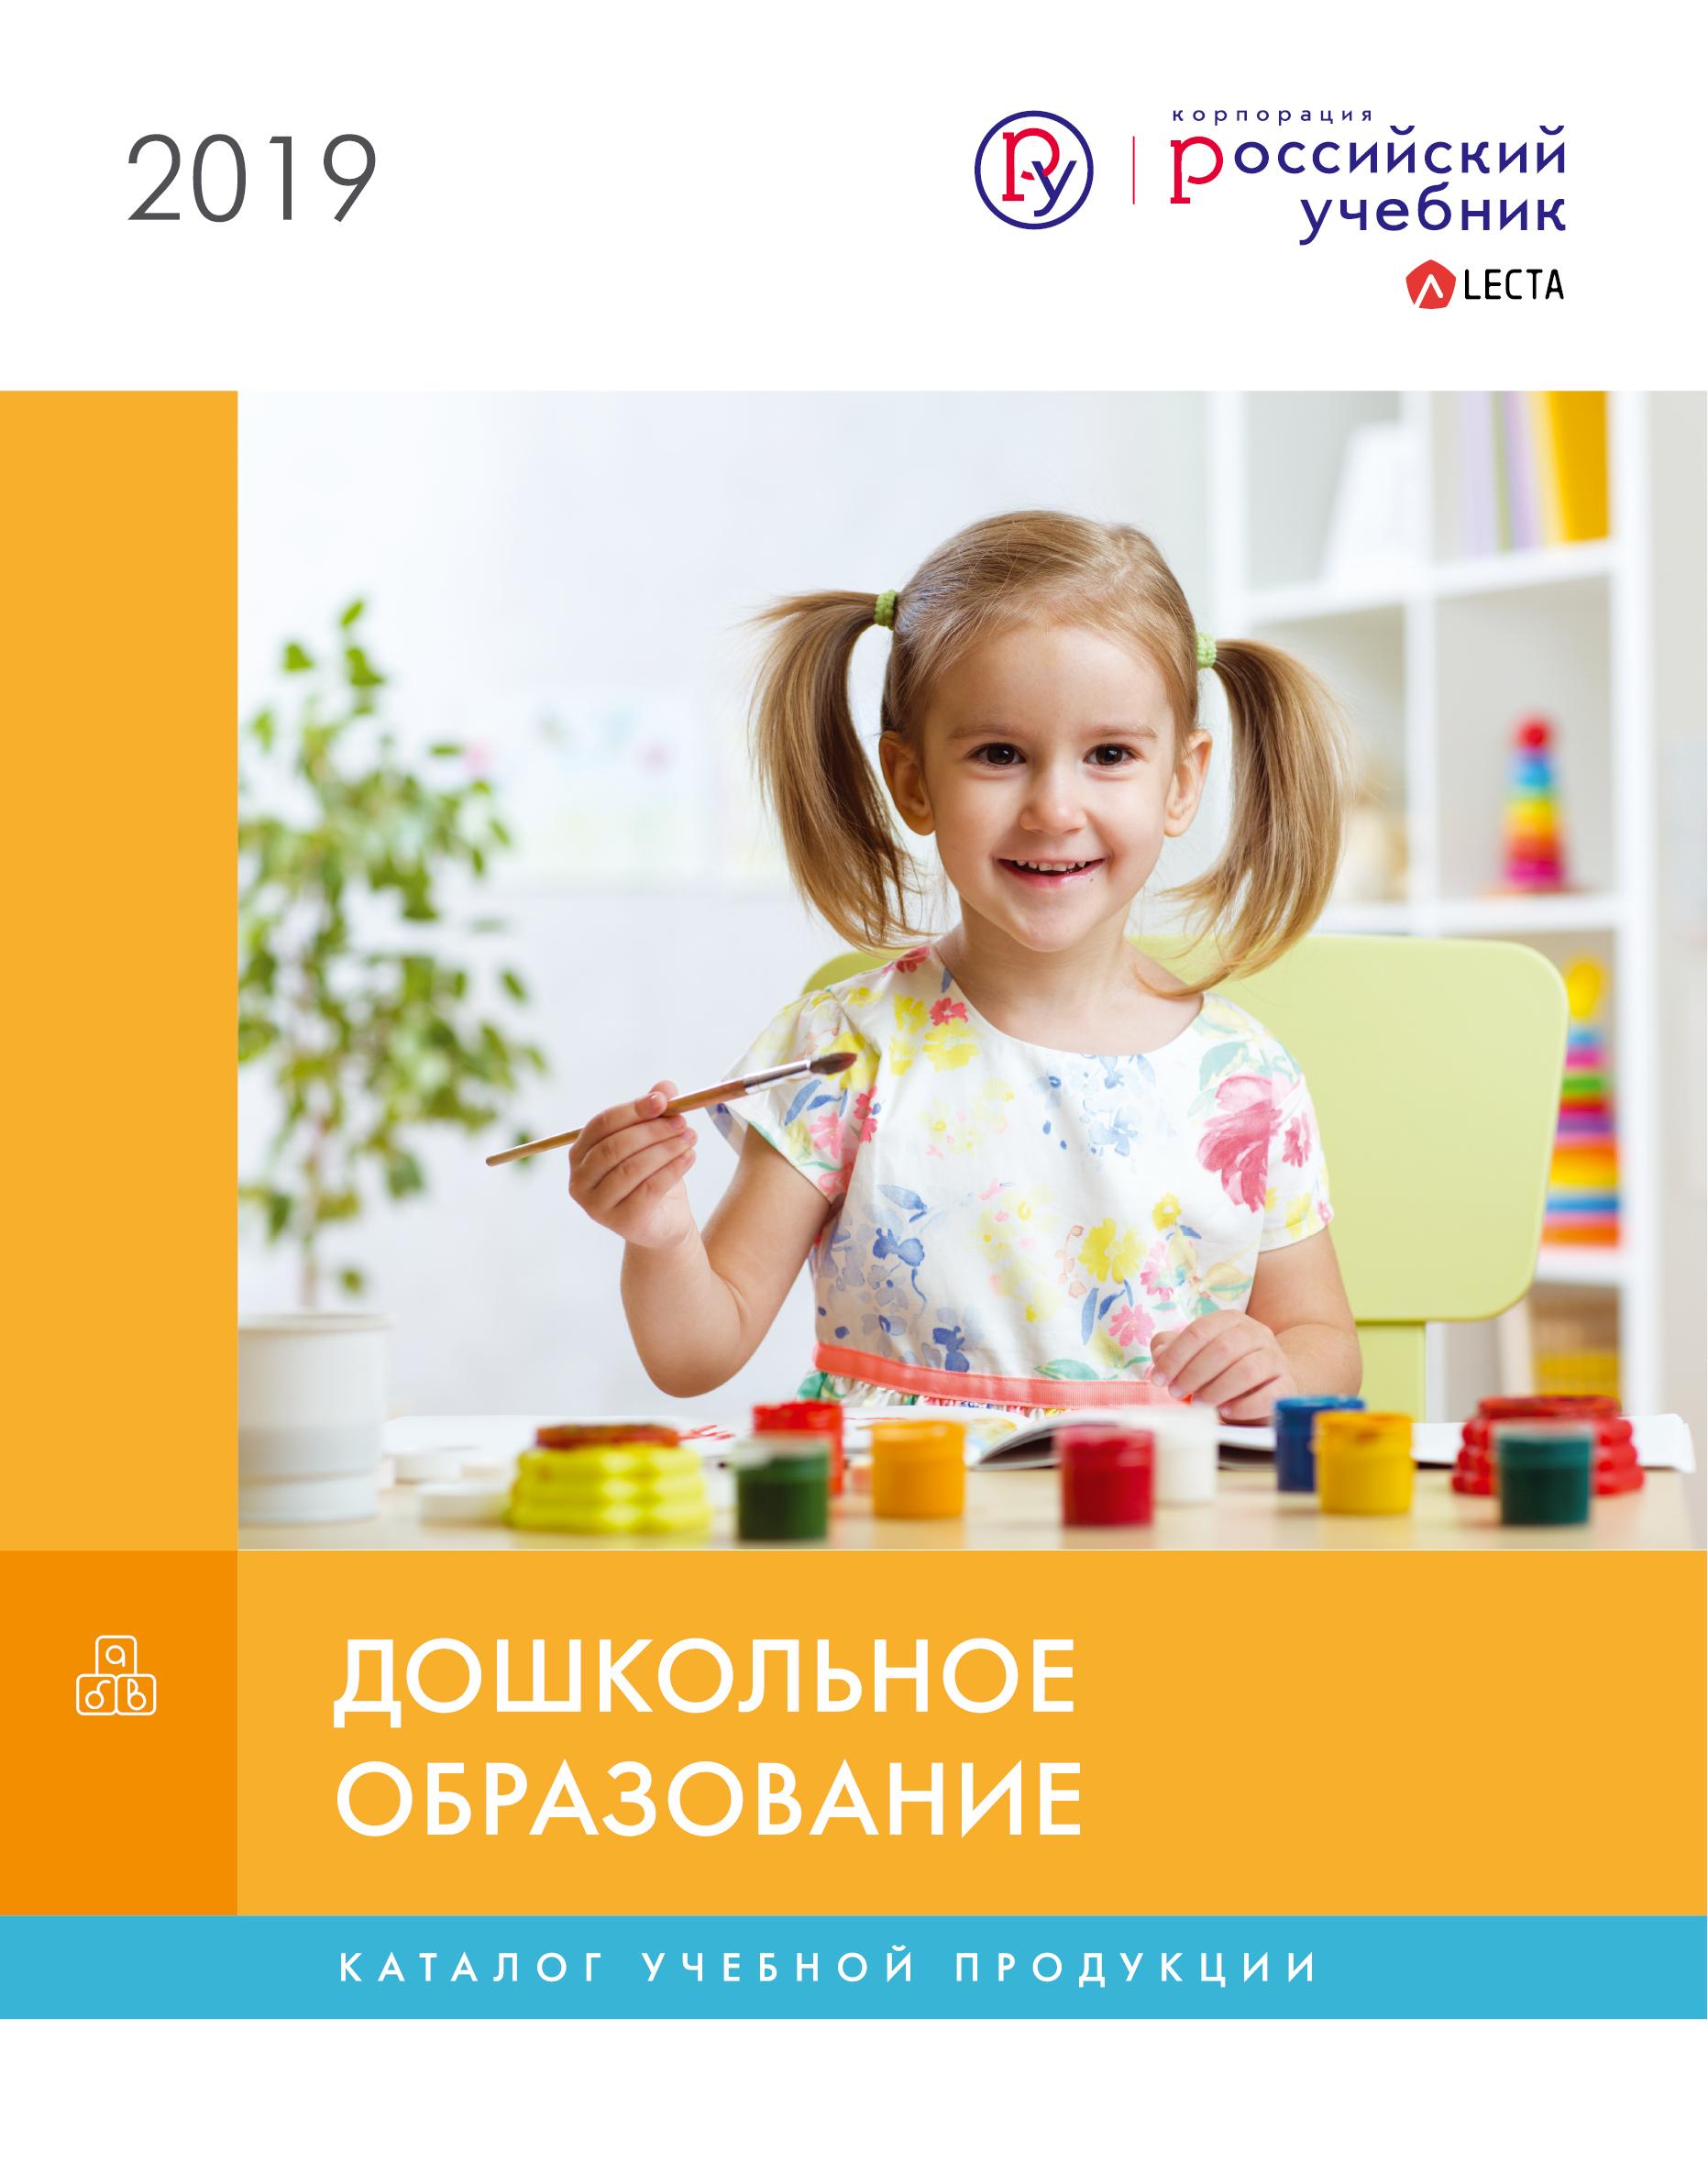 """Каталог """"Дошкольное образование"""" 2019 год"""